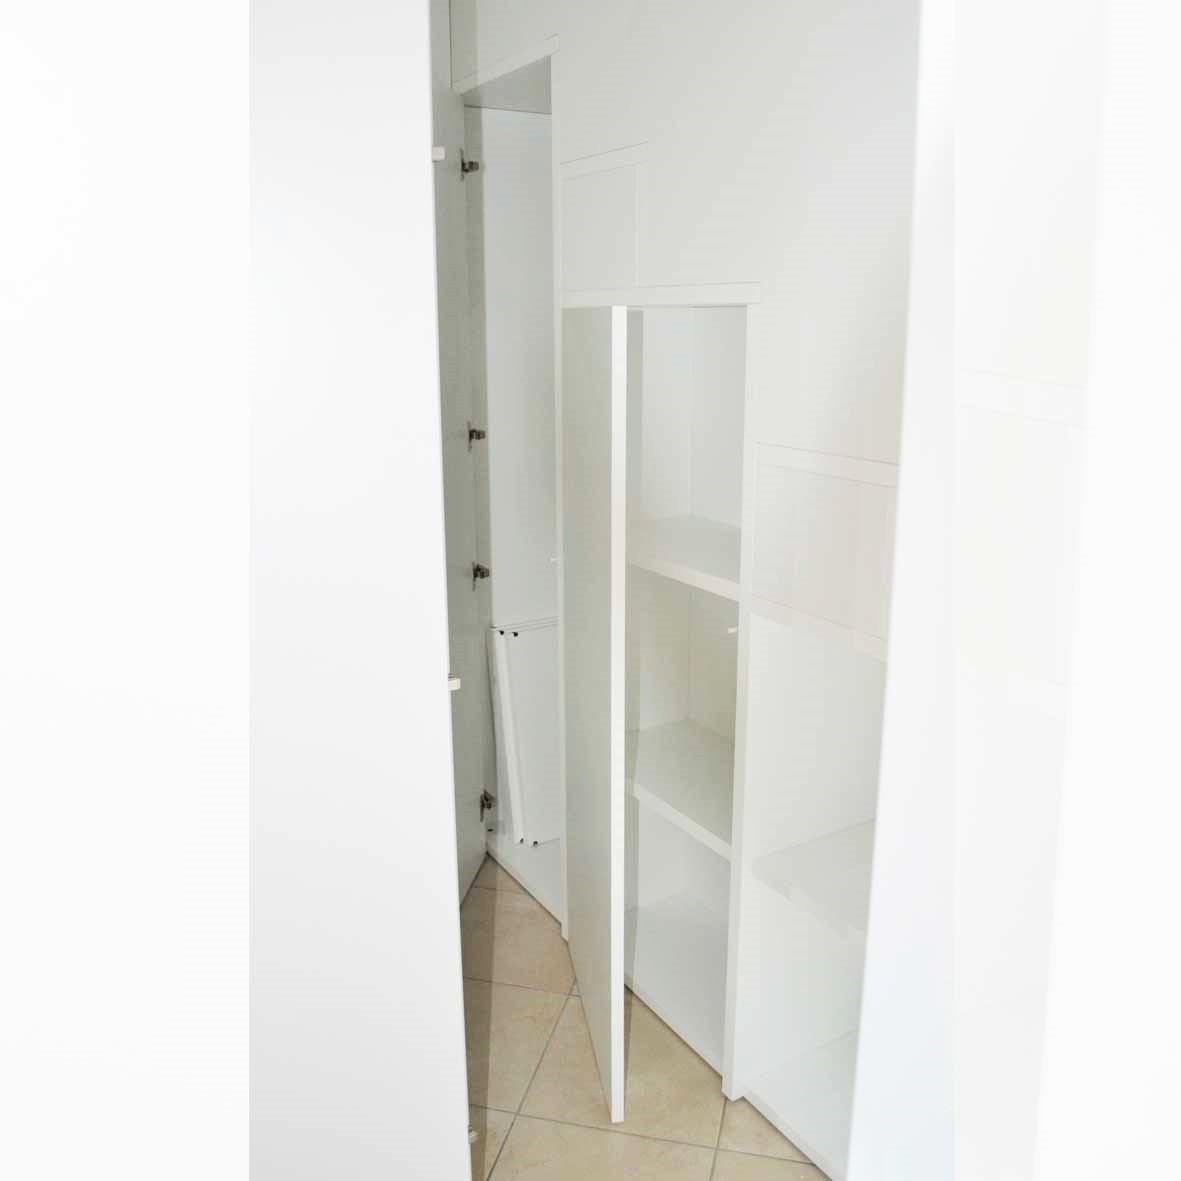 centro dell'arredamento-savona-soppalco-realizzazioni-lavori-arredo su misura (2)